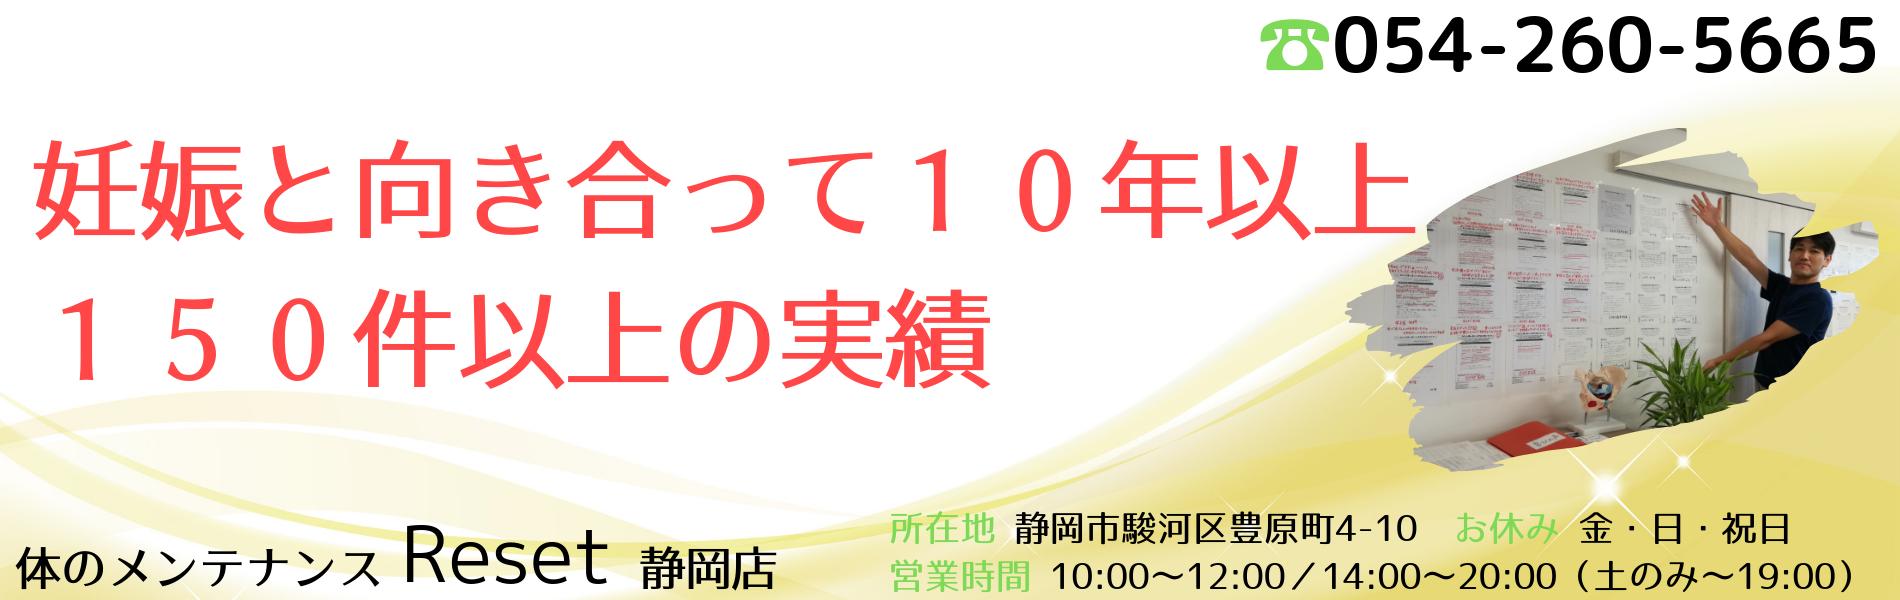 静岡市で不妊治療のサポートなら体のメンテナンスReset静岡店